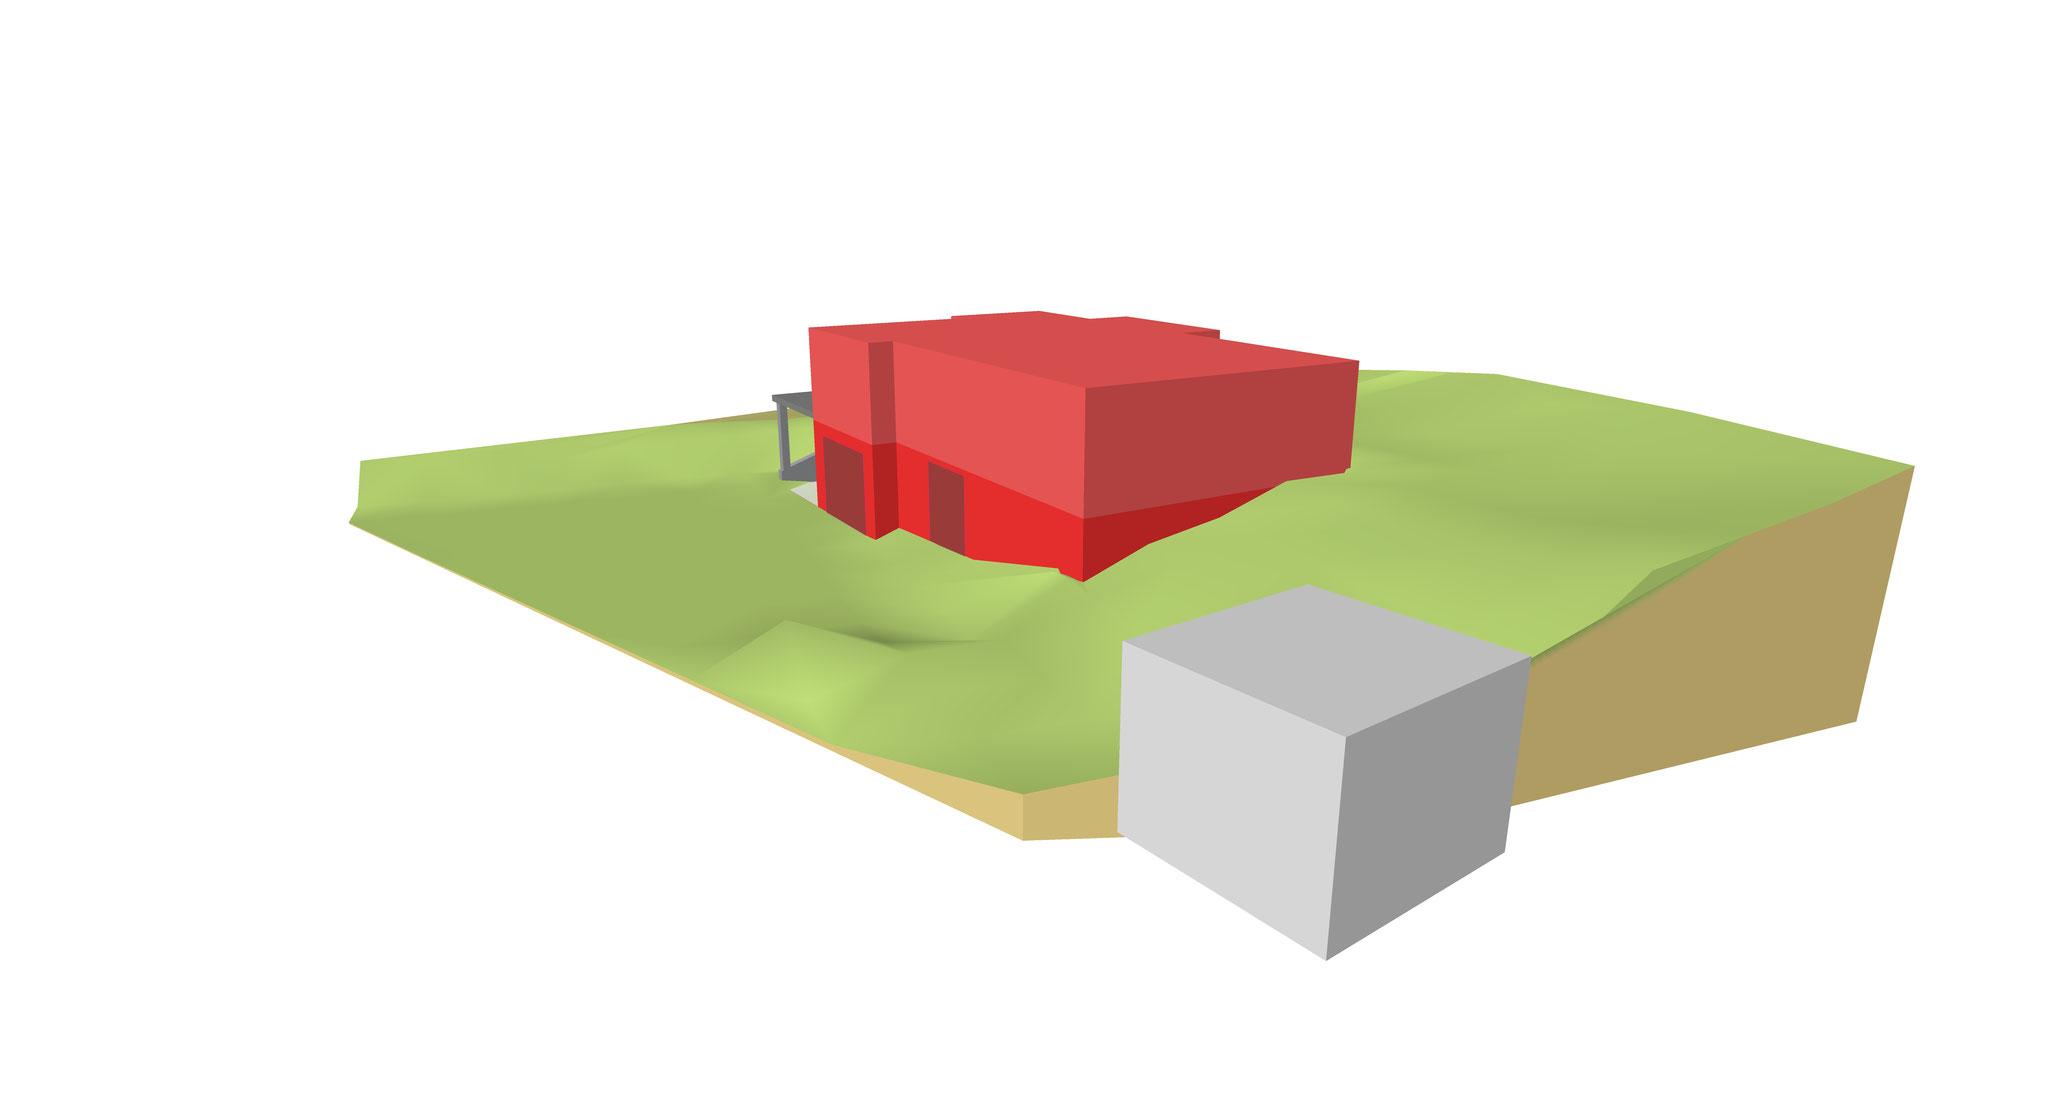 Visualisierung zur Positionierung eines Gebäudes - Ansicht 2